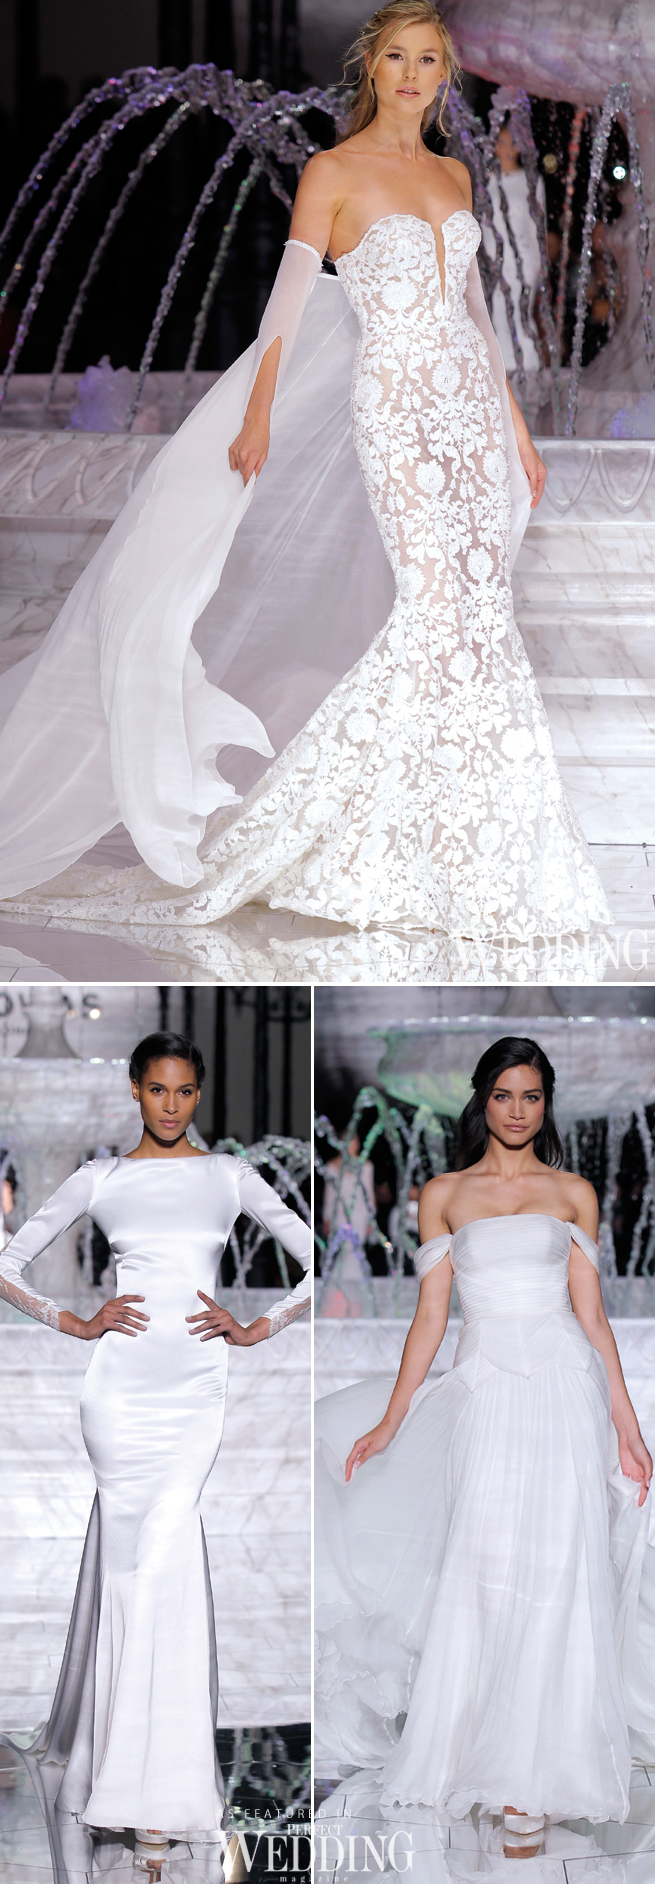 Pronovias, Atelier Pronovias 2018, Pronovias Fashion Show, Hervé Moreau, Perfect Wedding Magazine, Perfect Wedding Blog, Barcelona Bridal Trends